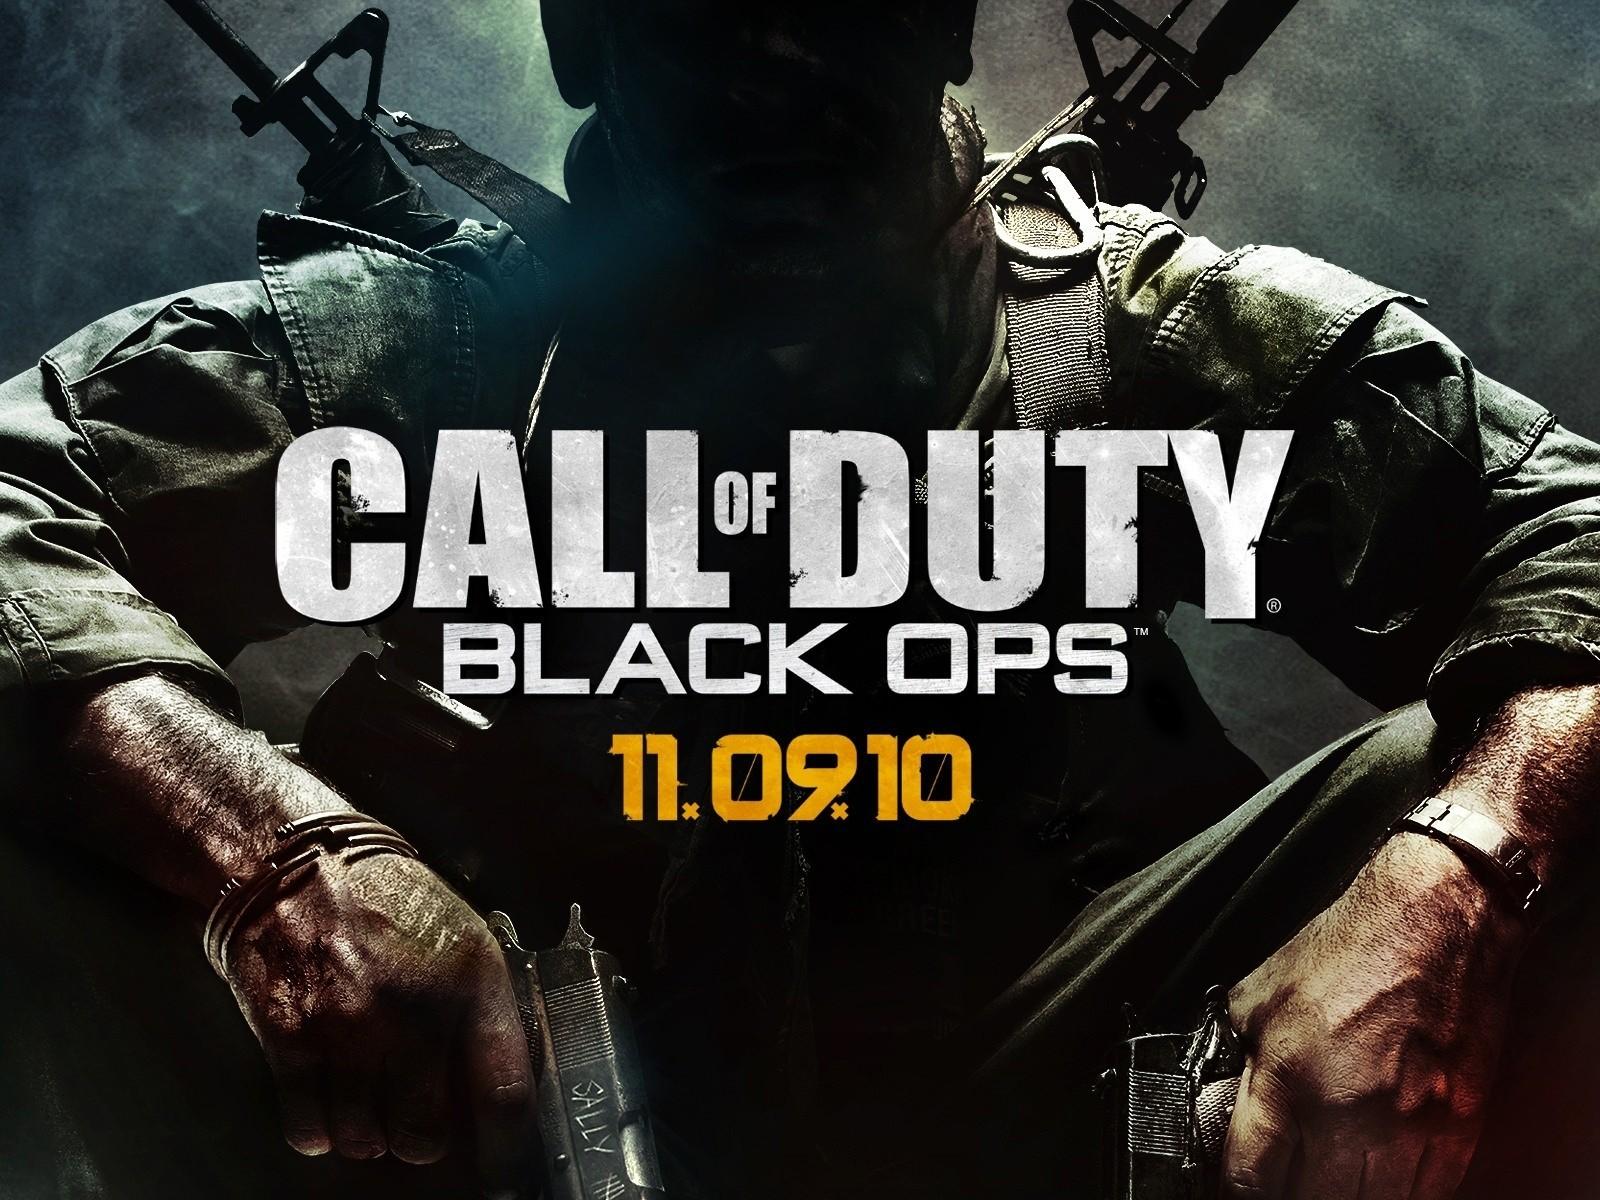 http://3.bp.blogspot.com/-fDLDZd3gRmg/TZgN5NROKgI/AAAAAAAAIEY/DevcBvvtgf0/s1600/Call_of_Duty_Black_Ops_HD_Wallpapers_2.jpg